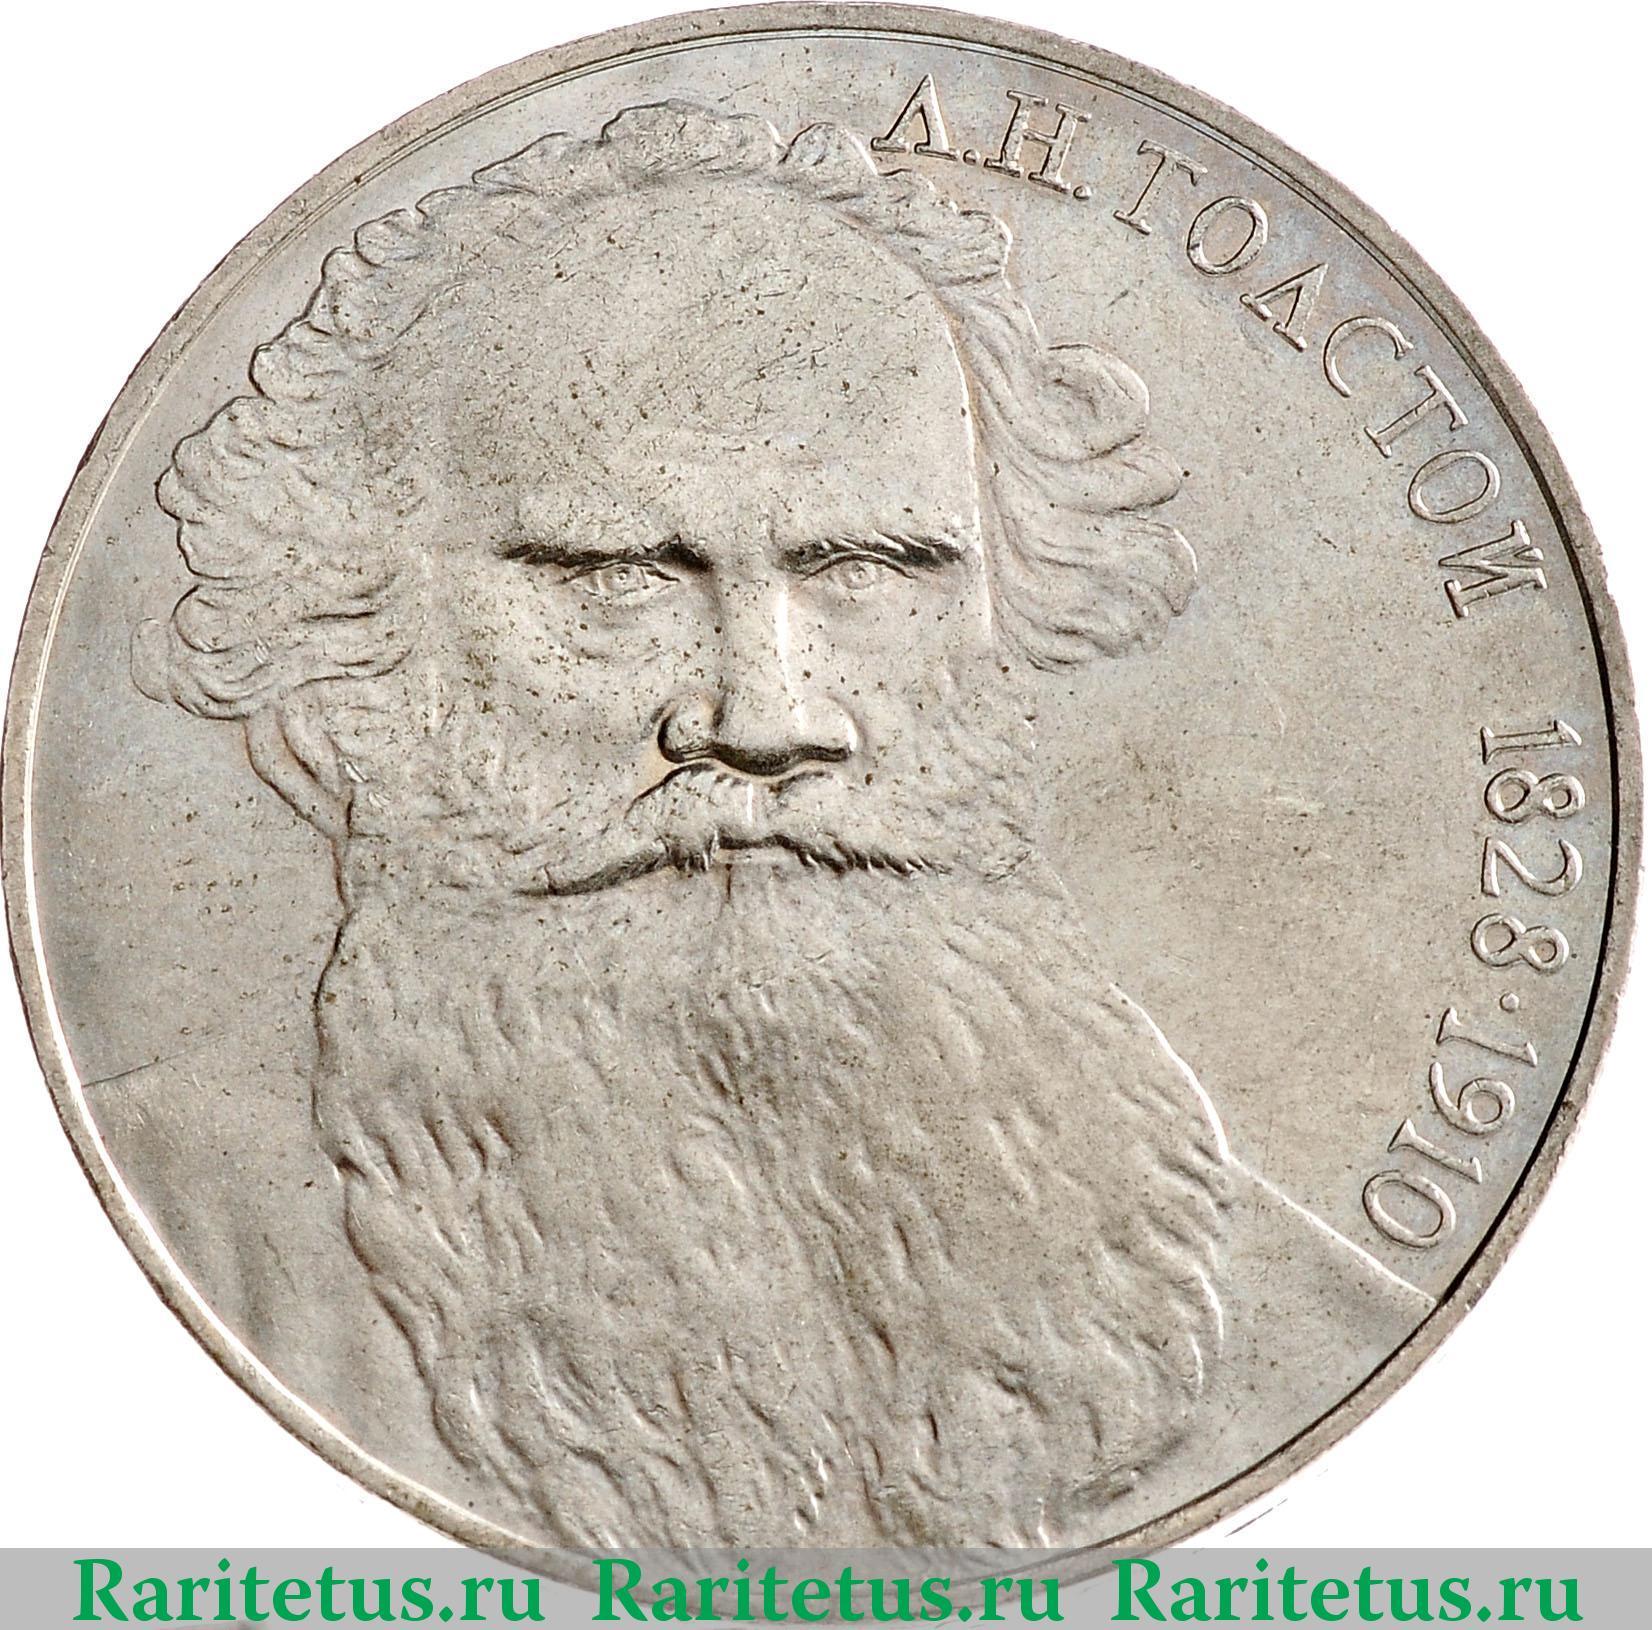 1 рубль 1988 толстой цена каталог редких монет ссср и их стоимость